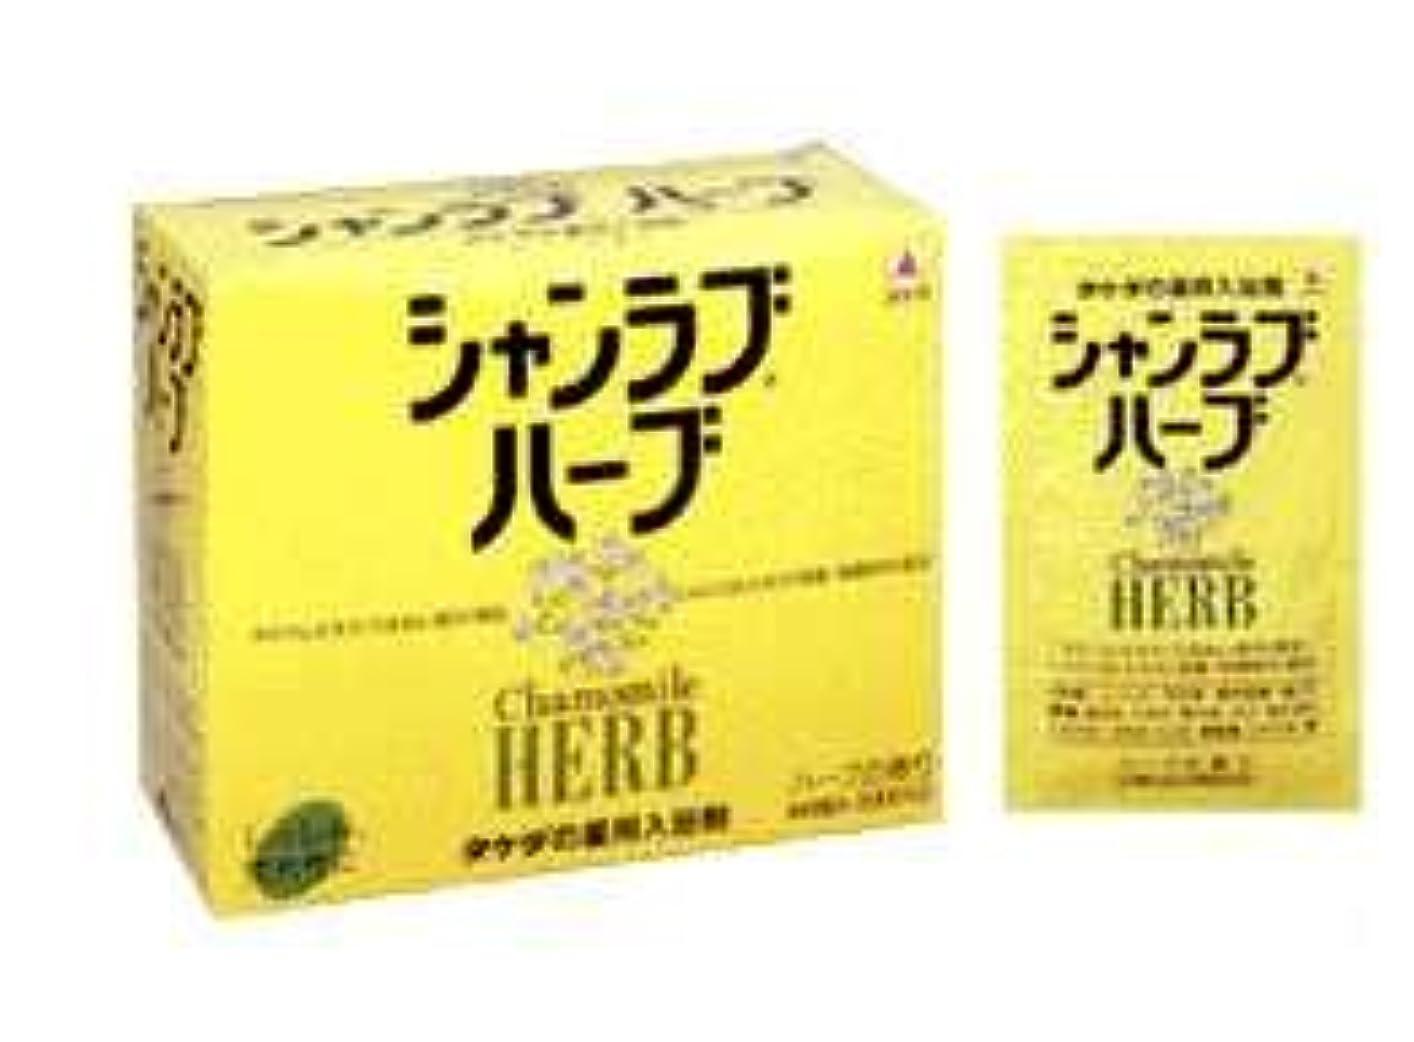 オレンジスマッシュサーバントシャンラブハーブ  30g×20包  武田薬品【医薬部外品】